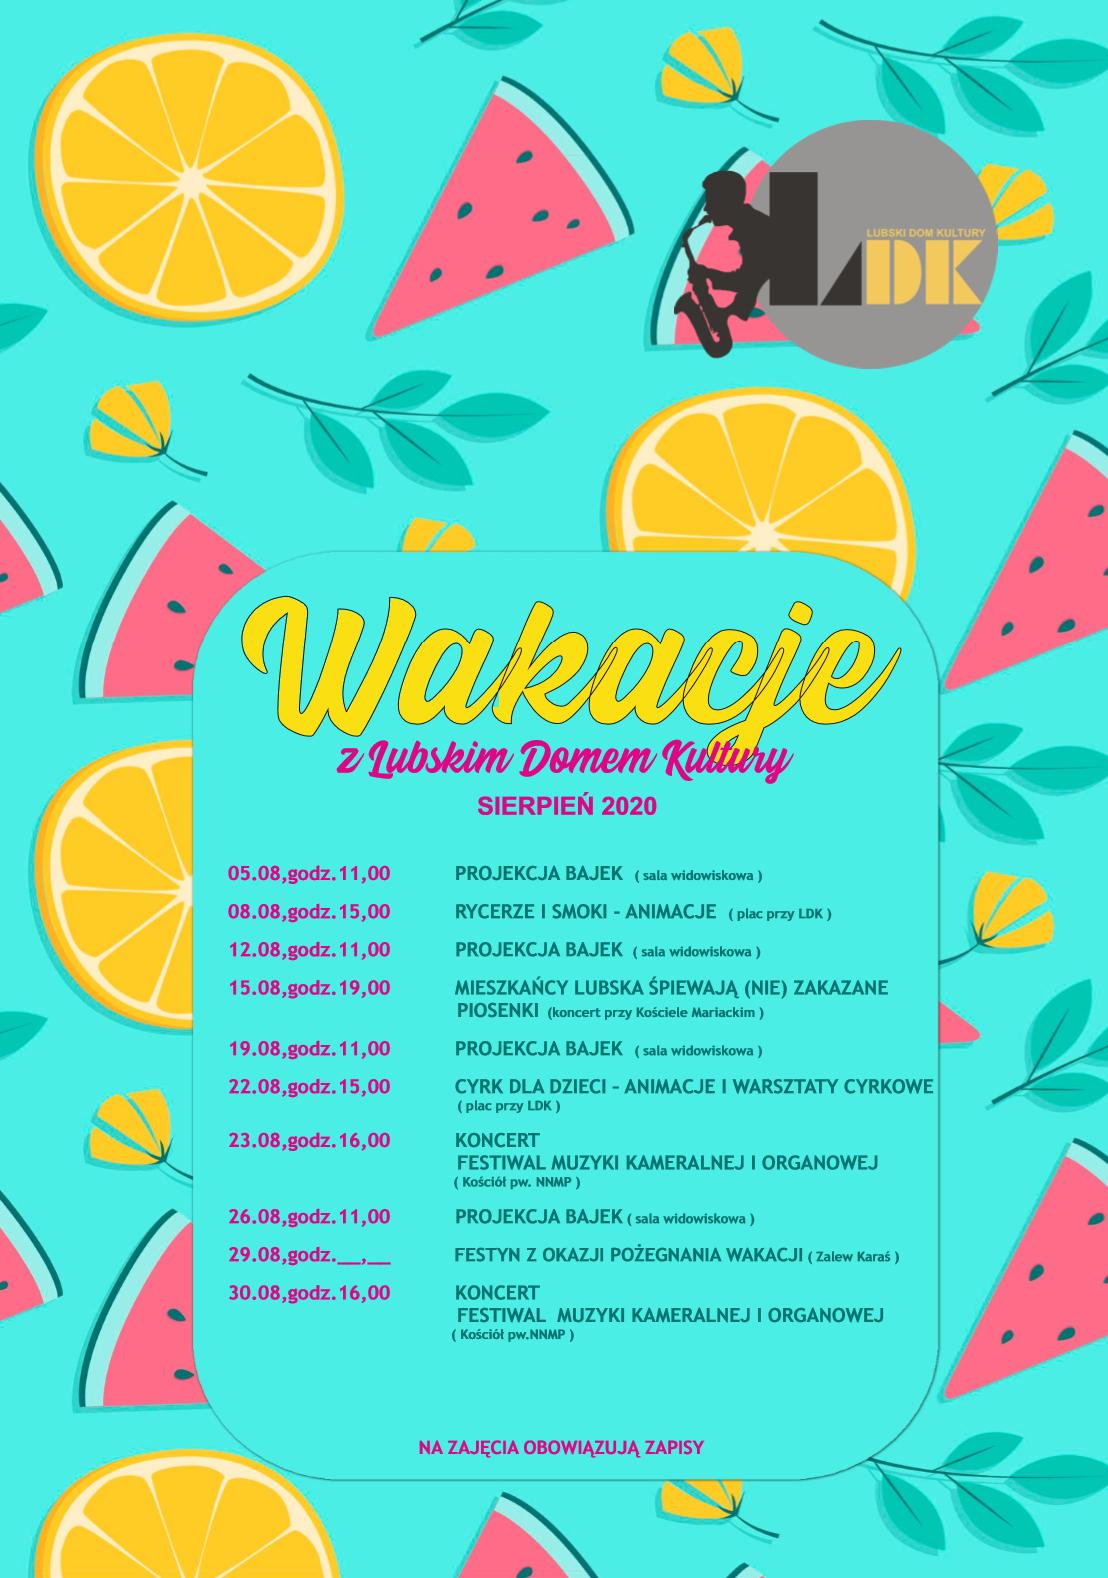 Ilustracja do informacji: Wakacje z Lubskim Domem Kultury sierpień 2020